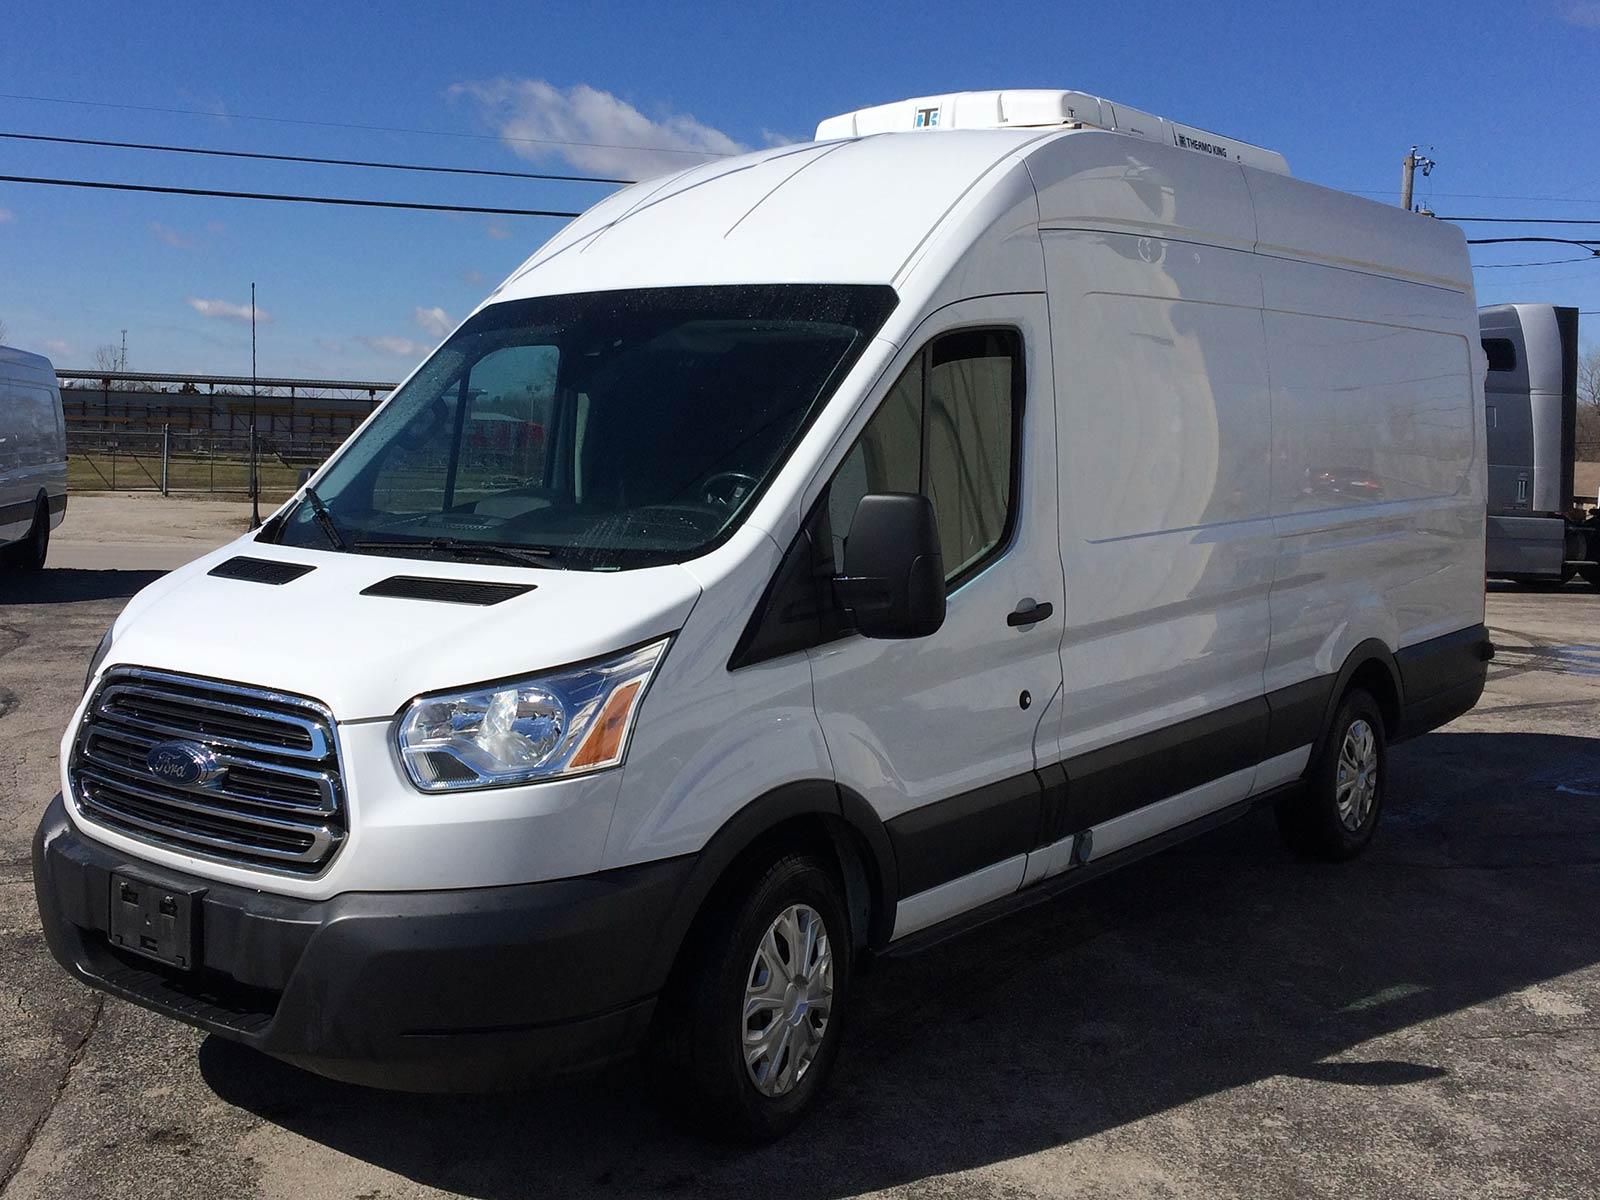 Used 2015 Ford Diesel T350 Transit Vans